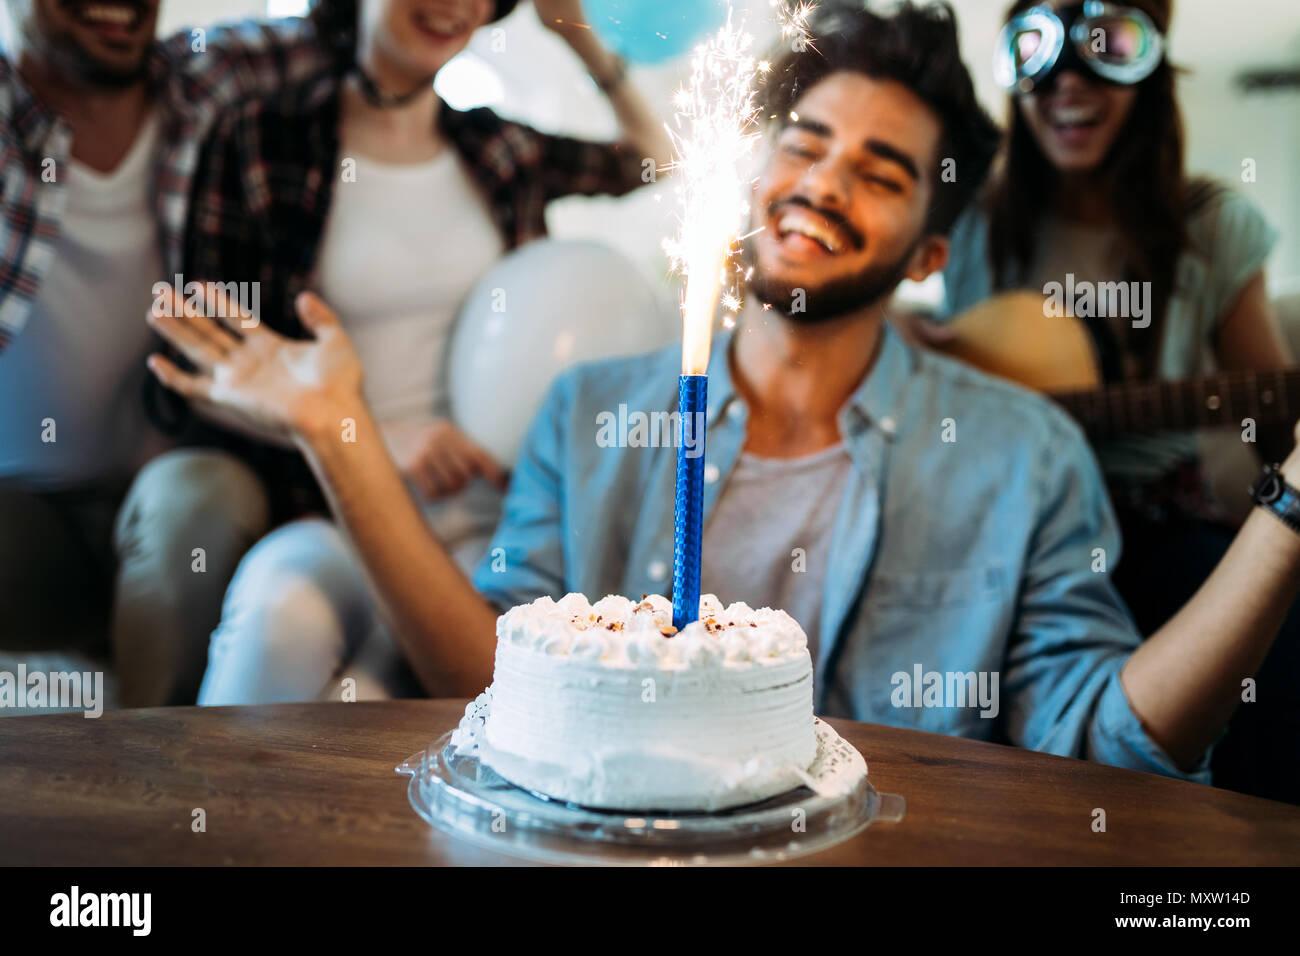 Grupo de jóvenes felices celebrando el cumpleaños de amigos Imagen De Stock